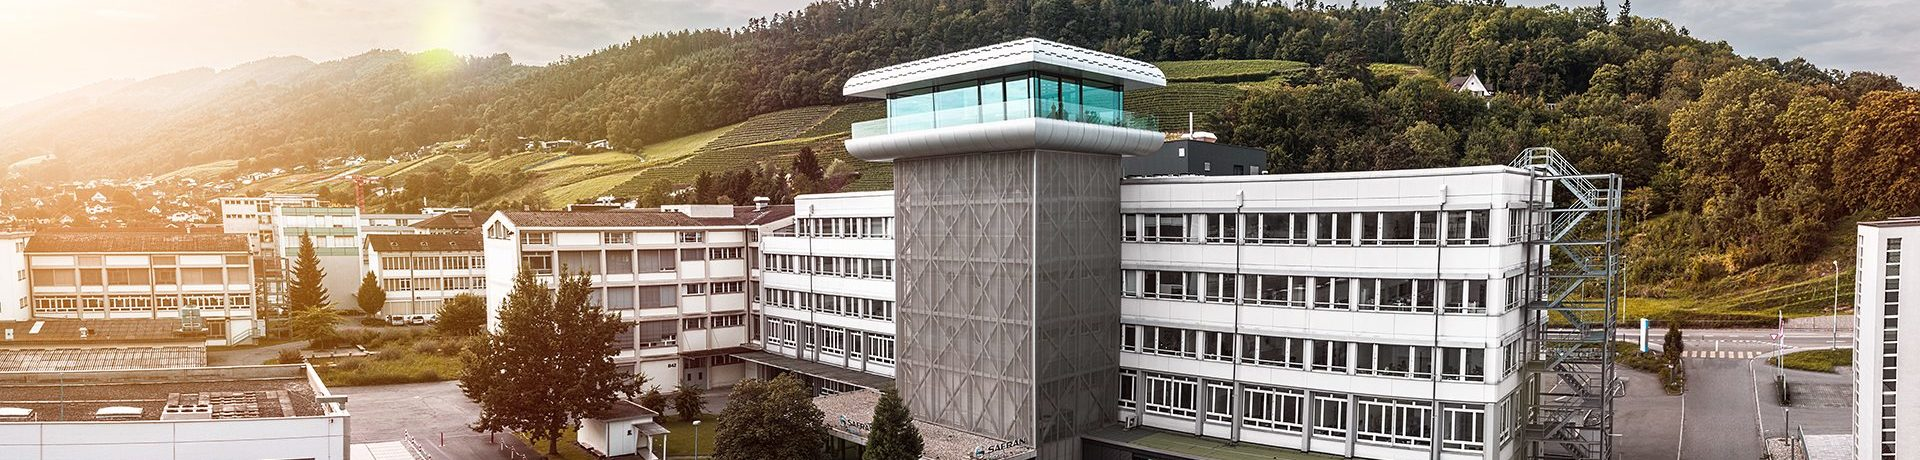 Safran Vectronix Building Switzerland